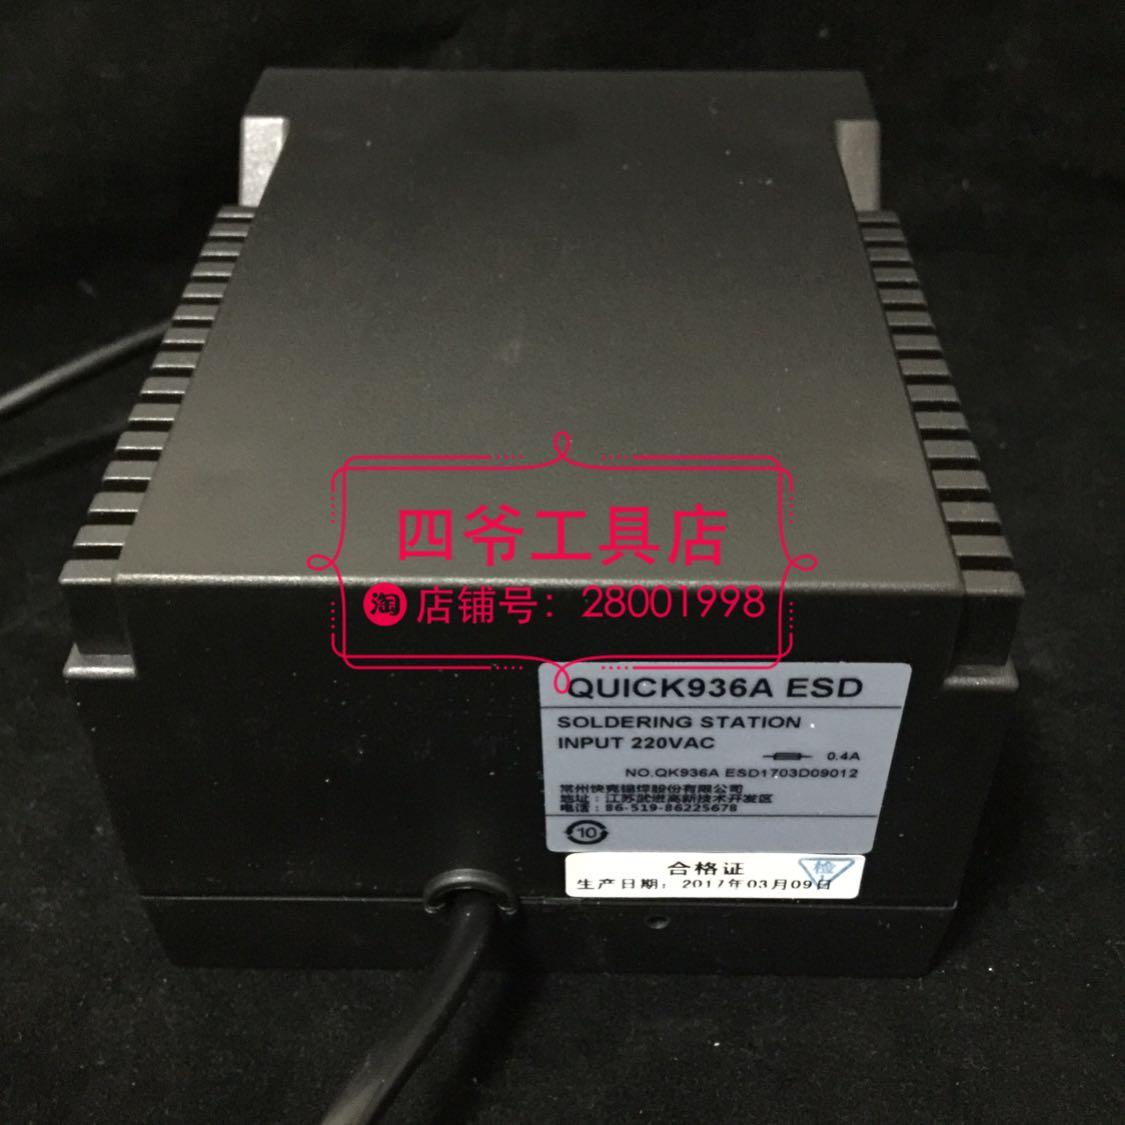 O ferro elétrico cabeça claramente divididos, aquecimento rápido QUICK936A estação de solda estação de solda ferro de solda antiestáticos